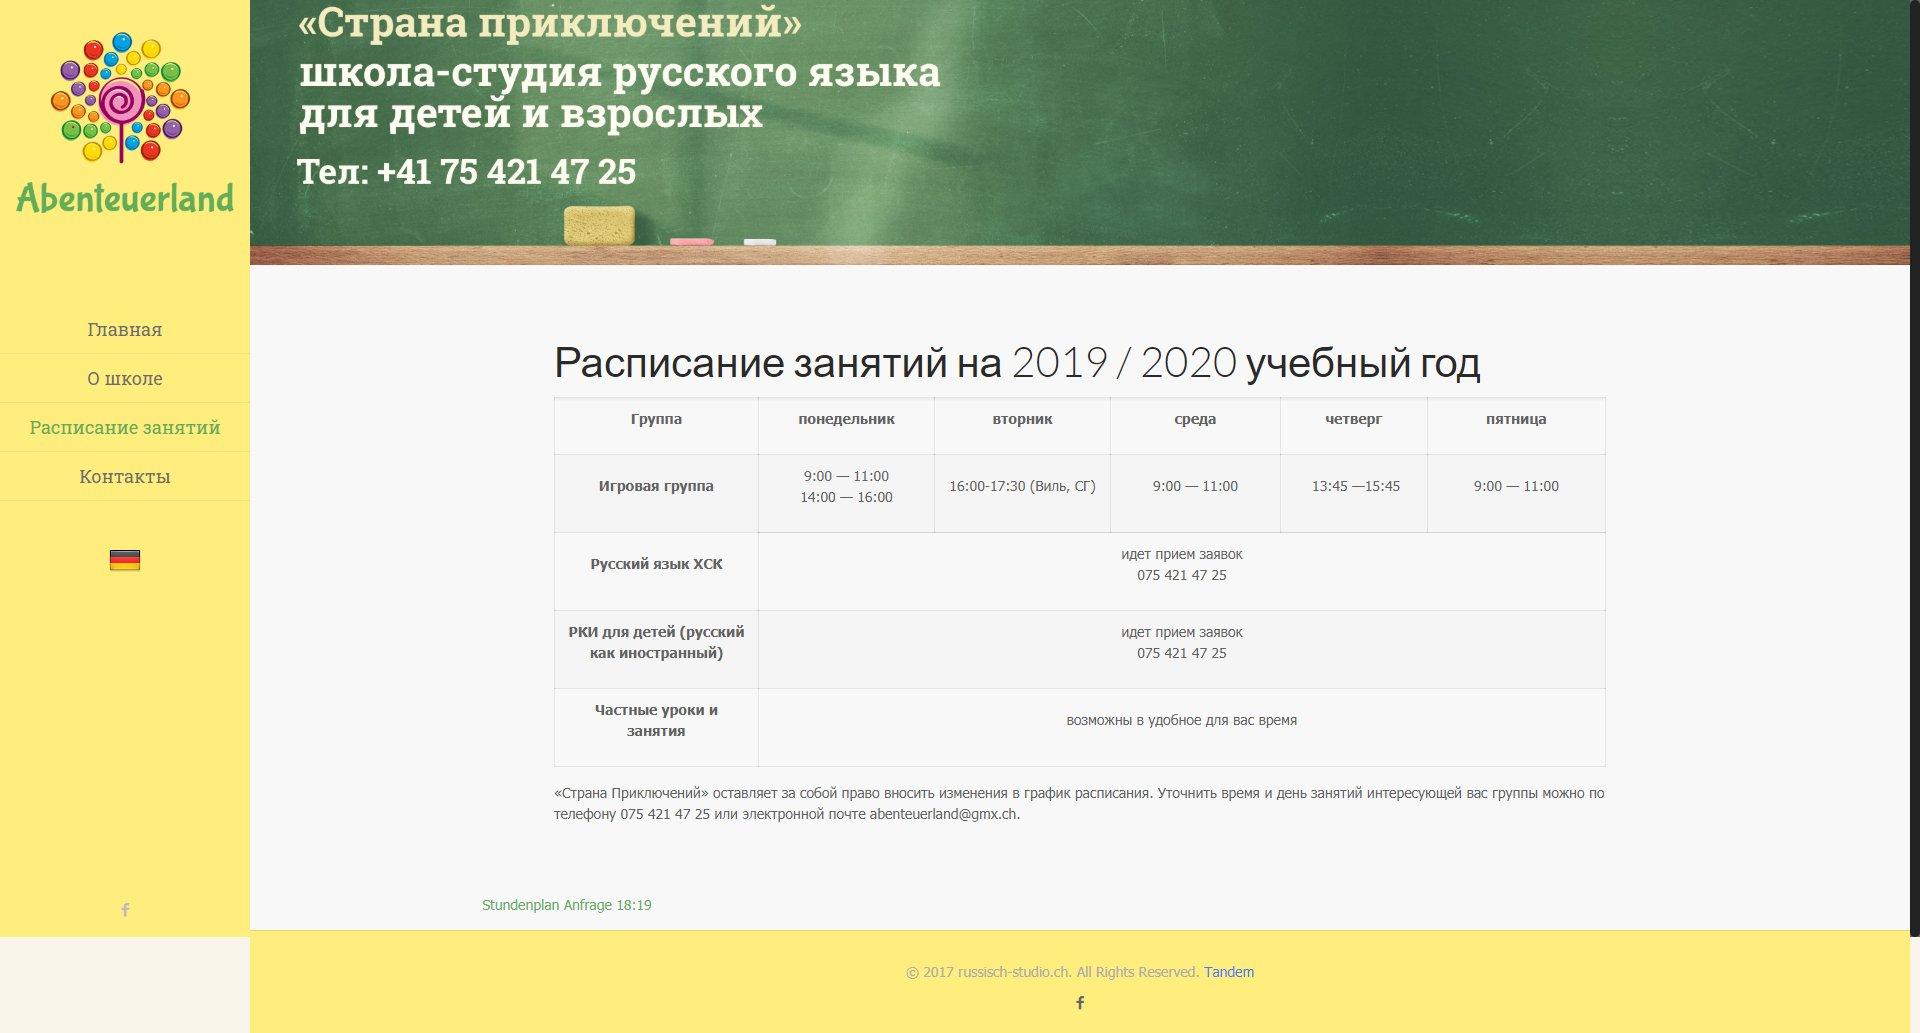 russisch-studio-ch1